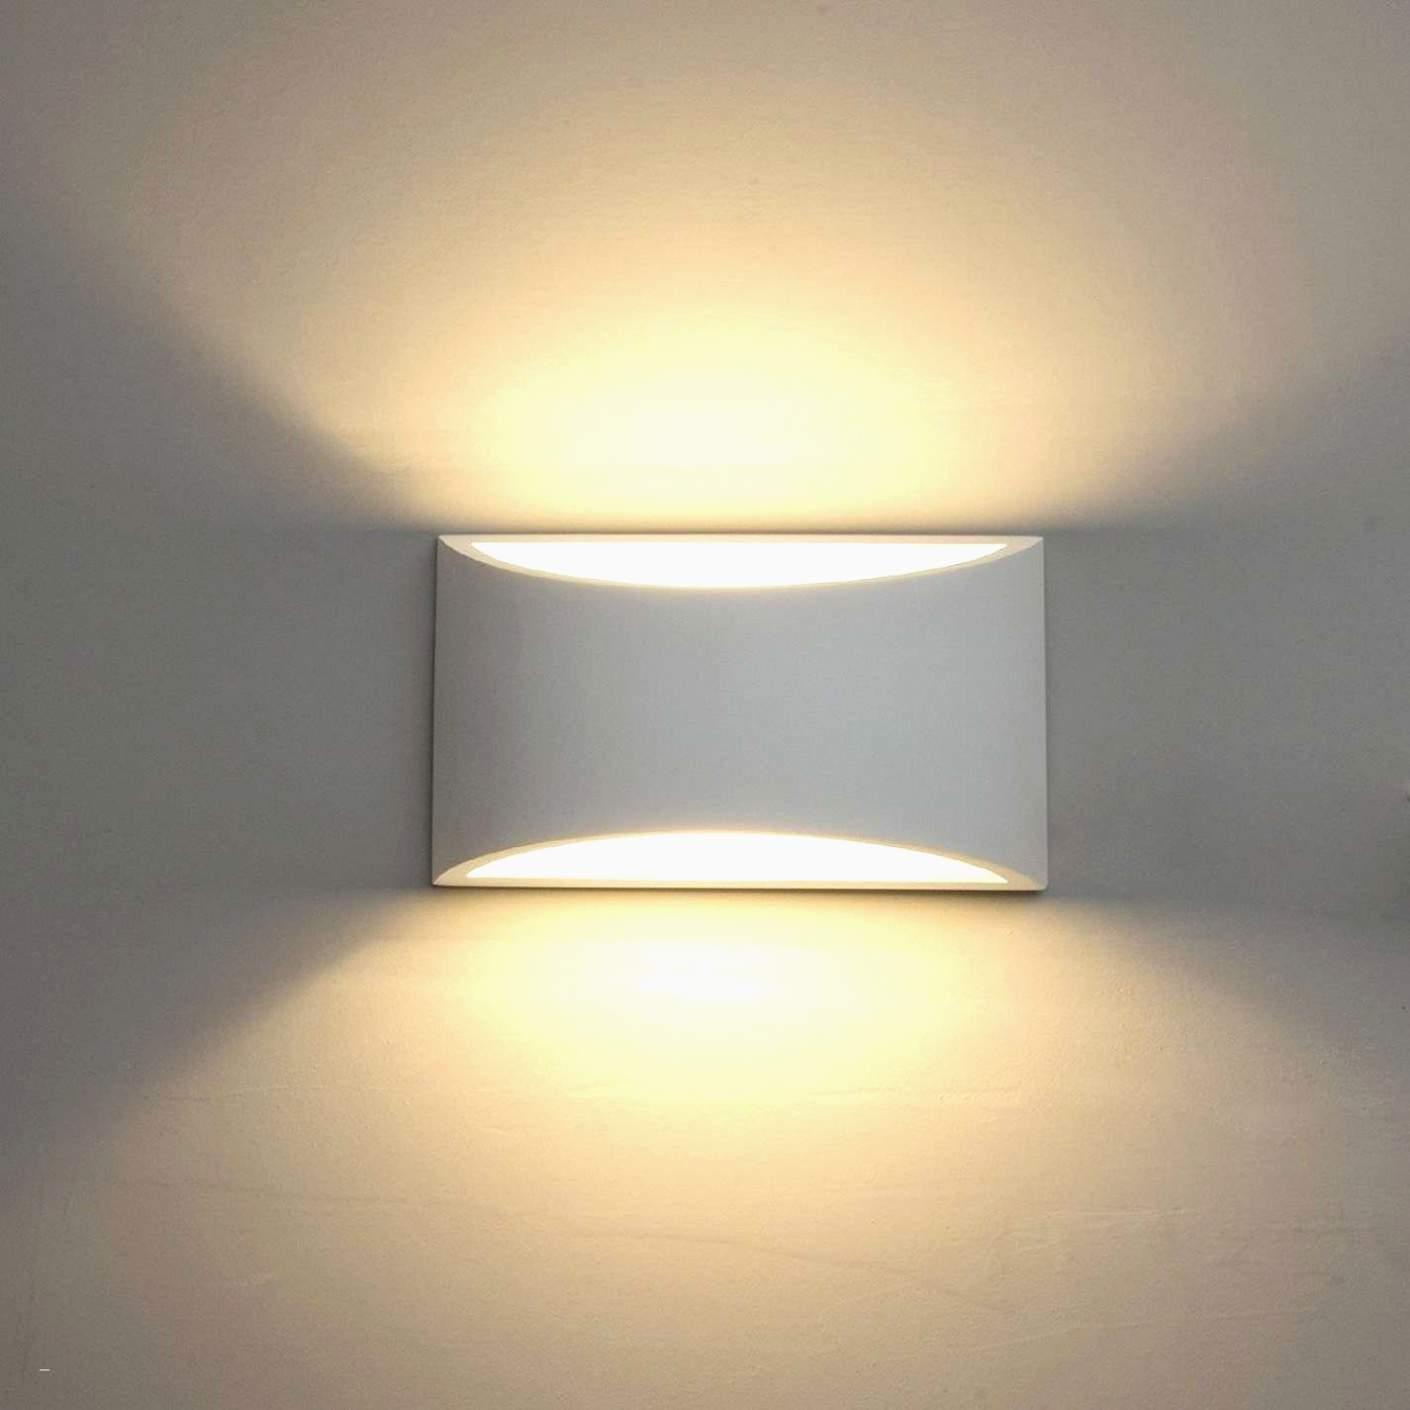 Full Size of Deckenlampe Schlafzimmer Modern Wohnzimmer Inspirierend Fototapete Vorhänge Stehlampe Bad Tapete Küche Wandbilder Weißes Komplette Komplettes Rauch Wohnzimmer Deckenlampe Schlafzimmer Modern